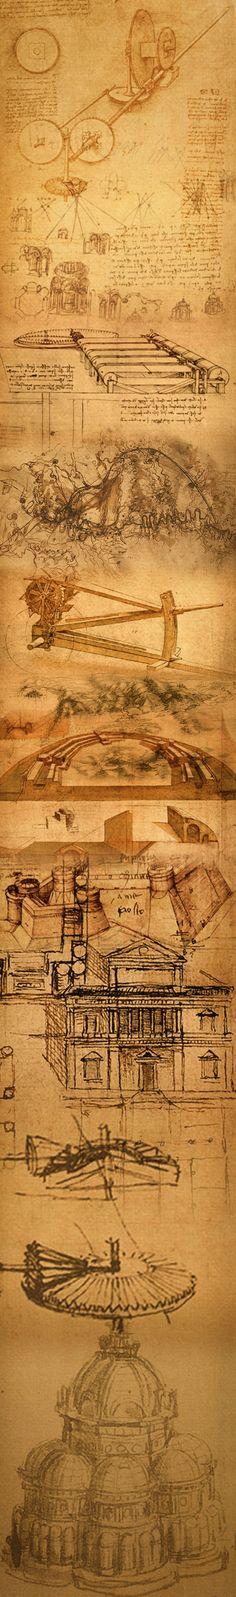 Panoramique vertical de certaines œuvres de Léonard de Vinci